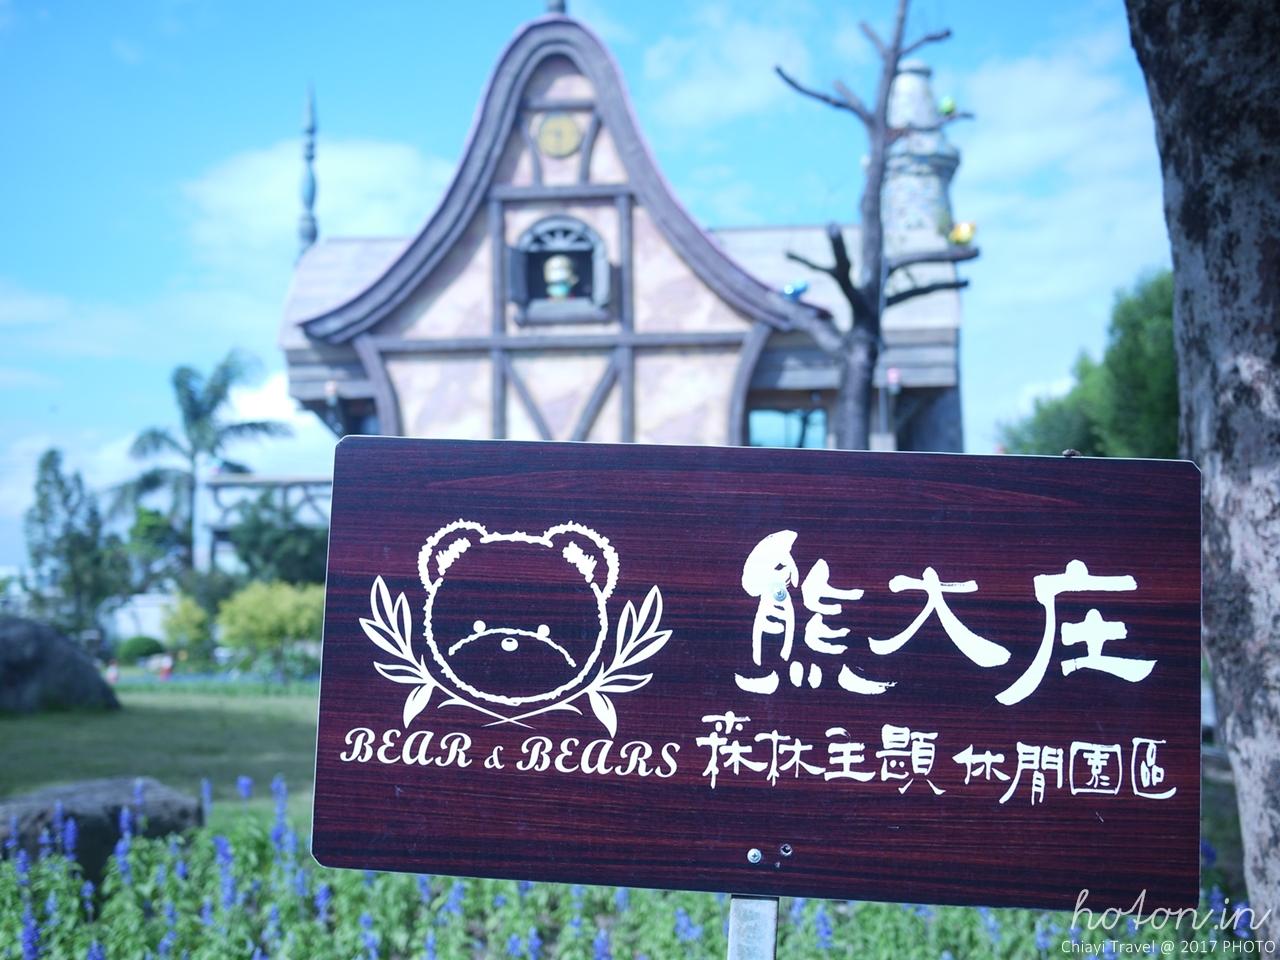 【嘉義旅遊】民雄 / 熊大庄森林主題休閒園區.MIT的香氛觀光工廠